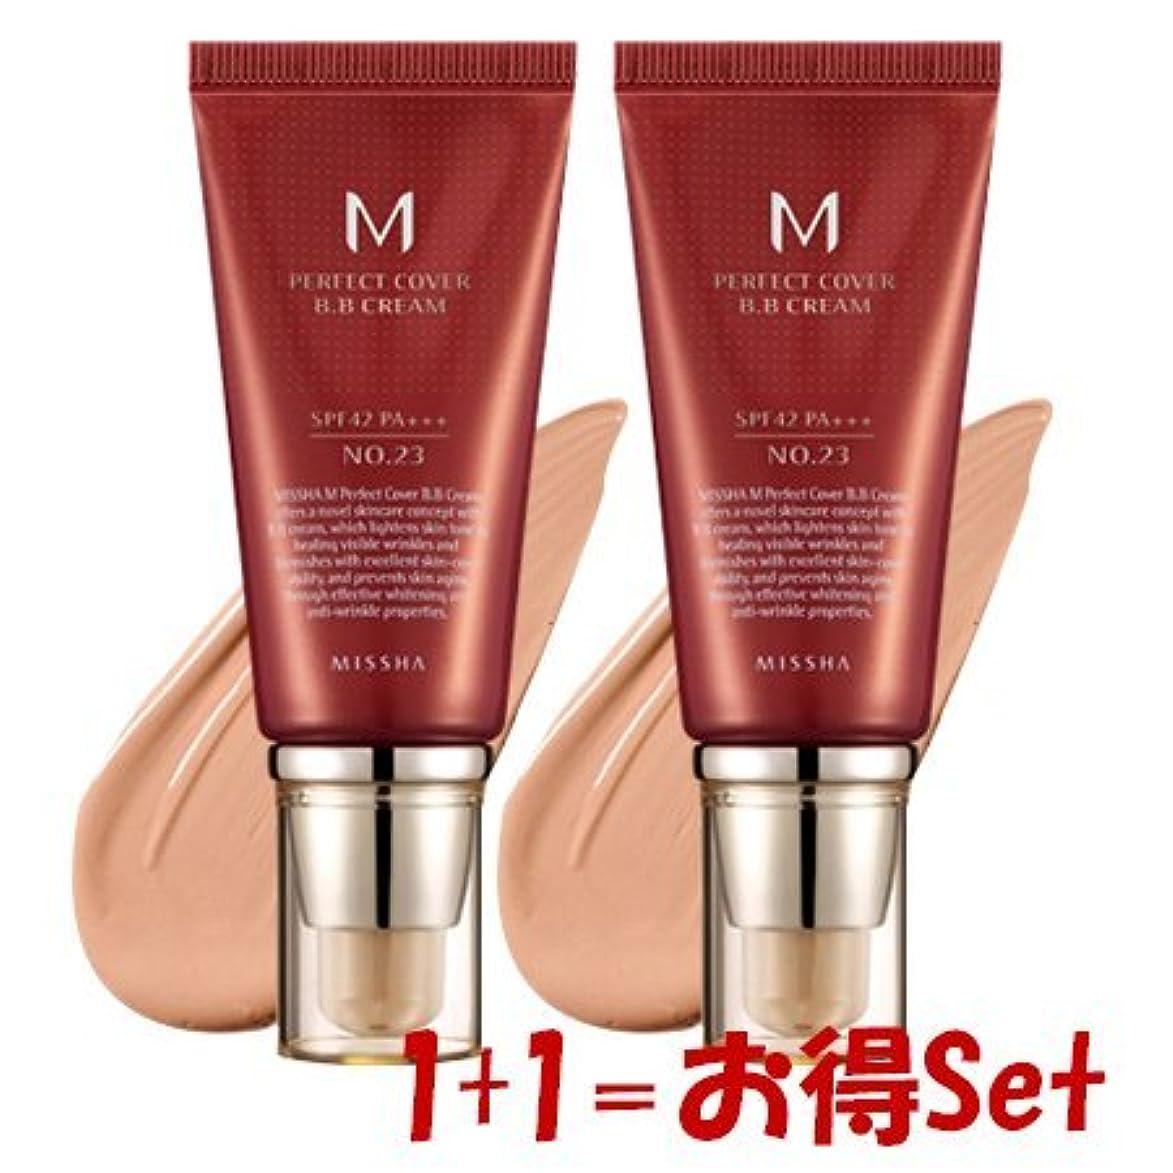 メカニック標高手足MISSHA(ミシャ) M Perfect Cover パーフェクトカバーBBクリーム 23号+23号(1+1=お得Set)